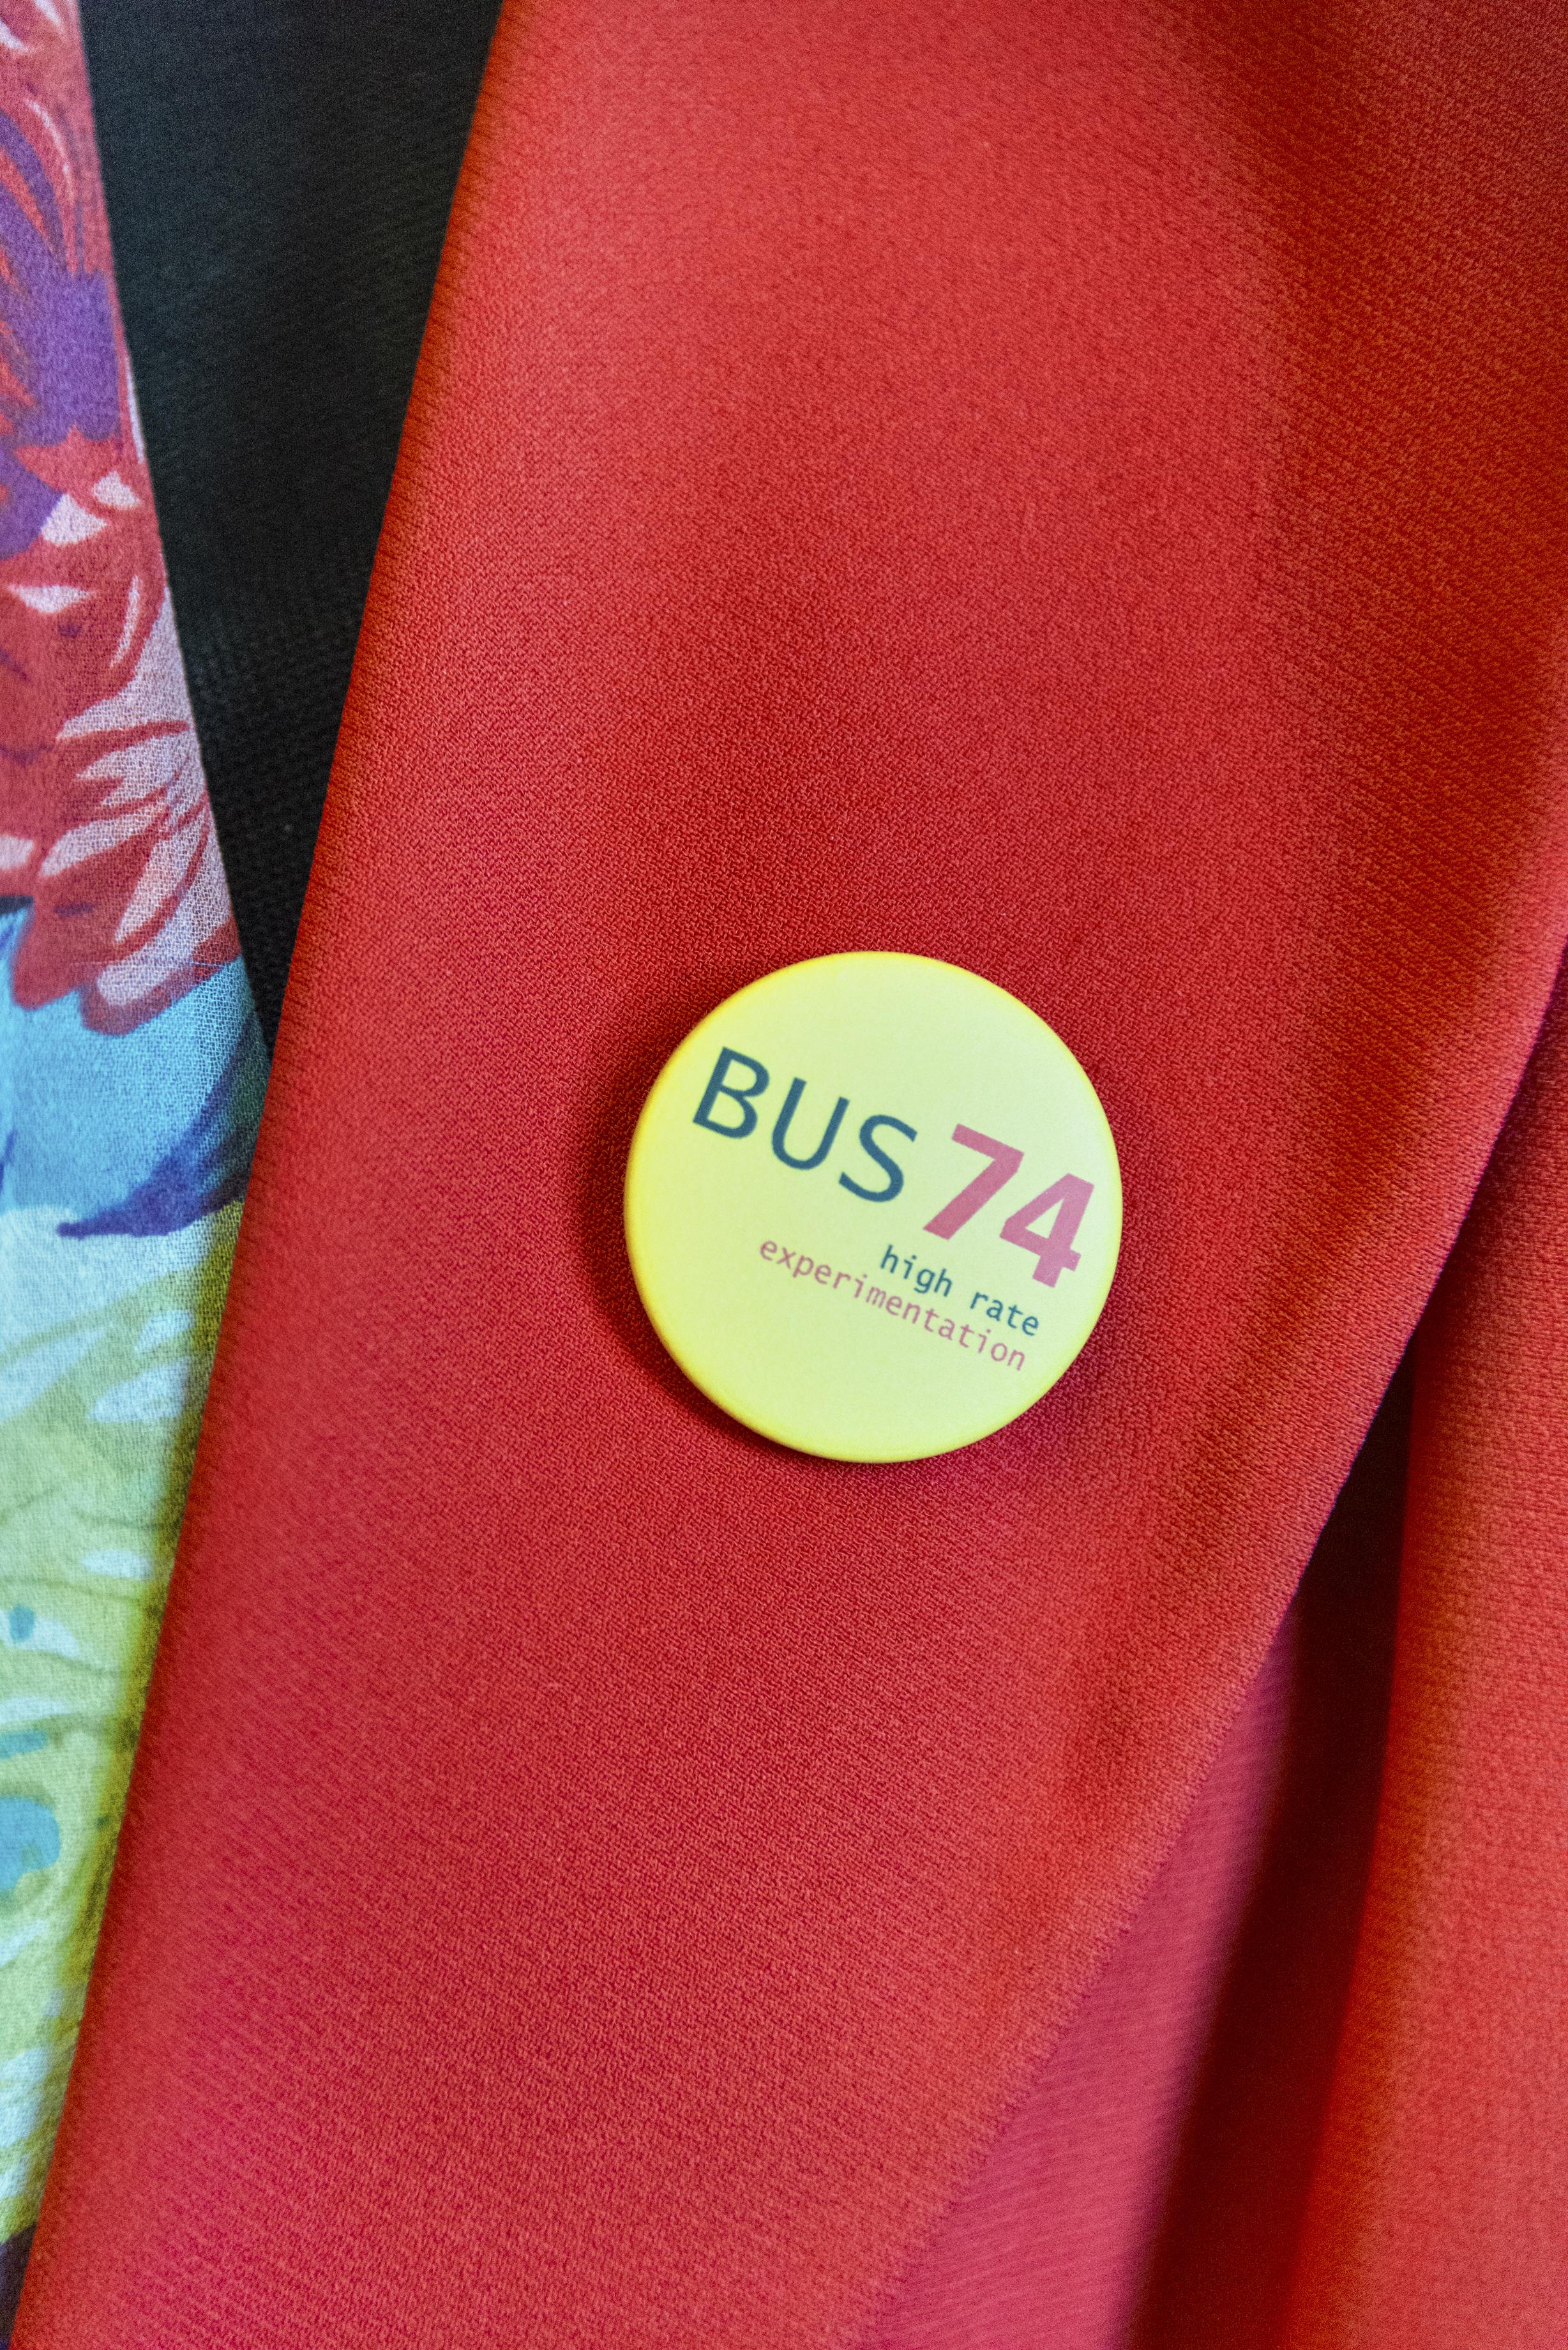 BUS74